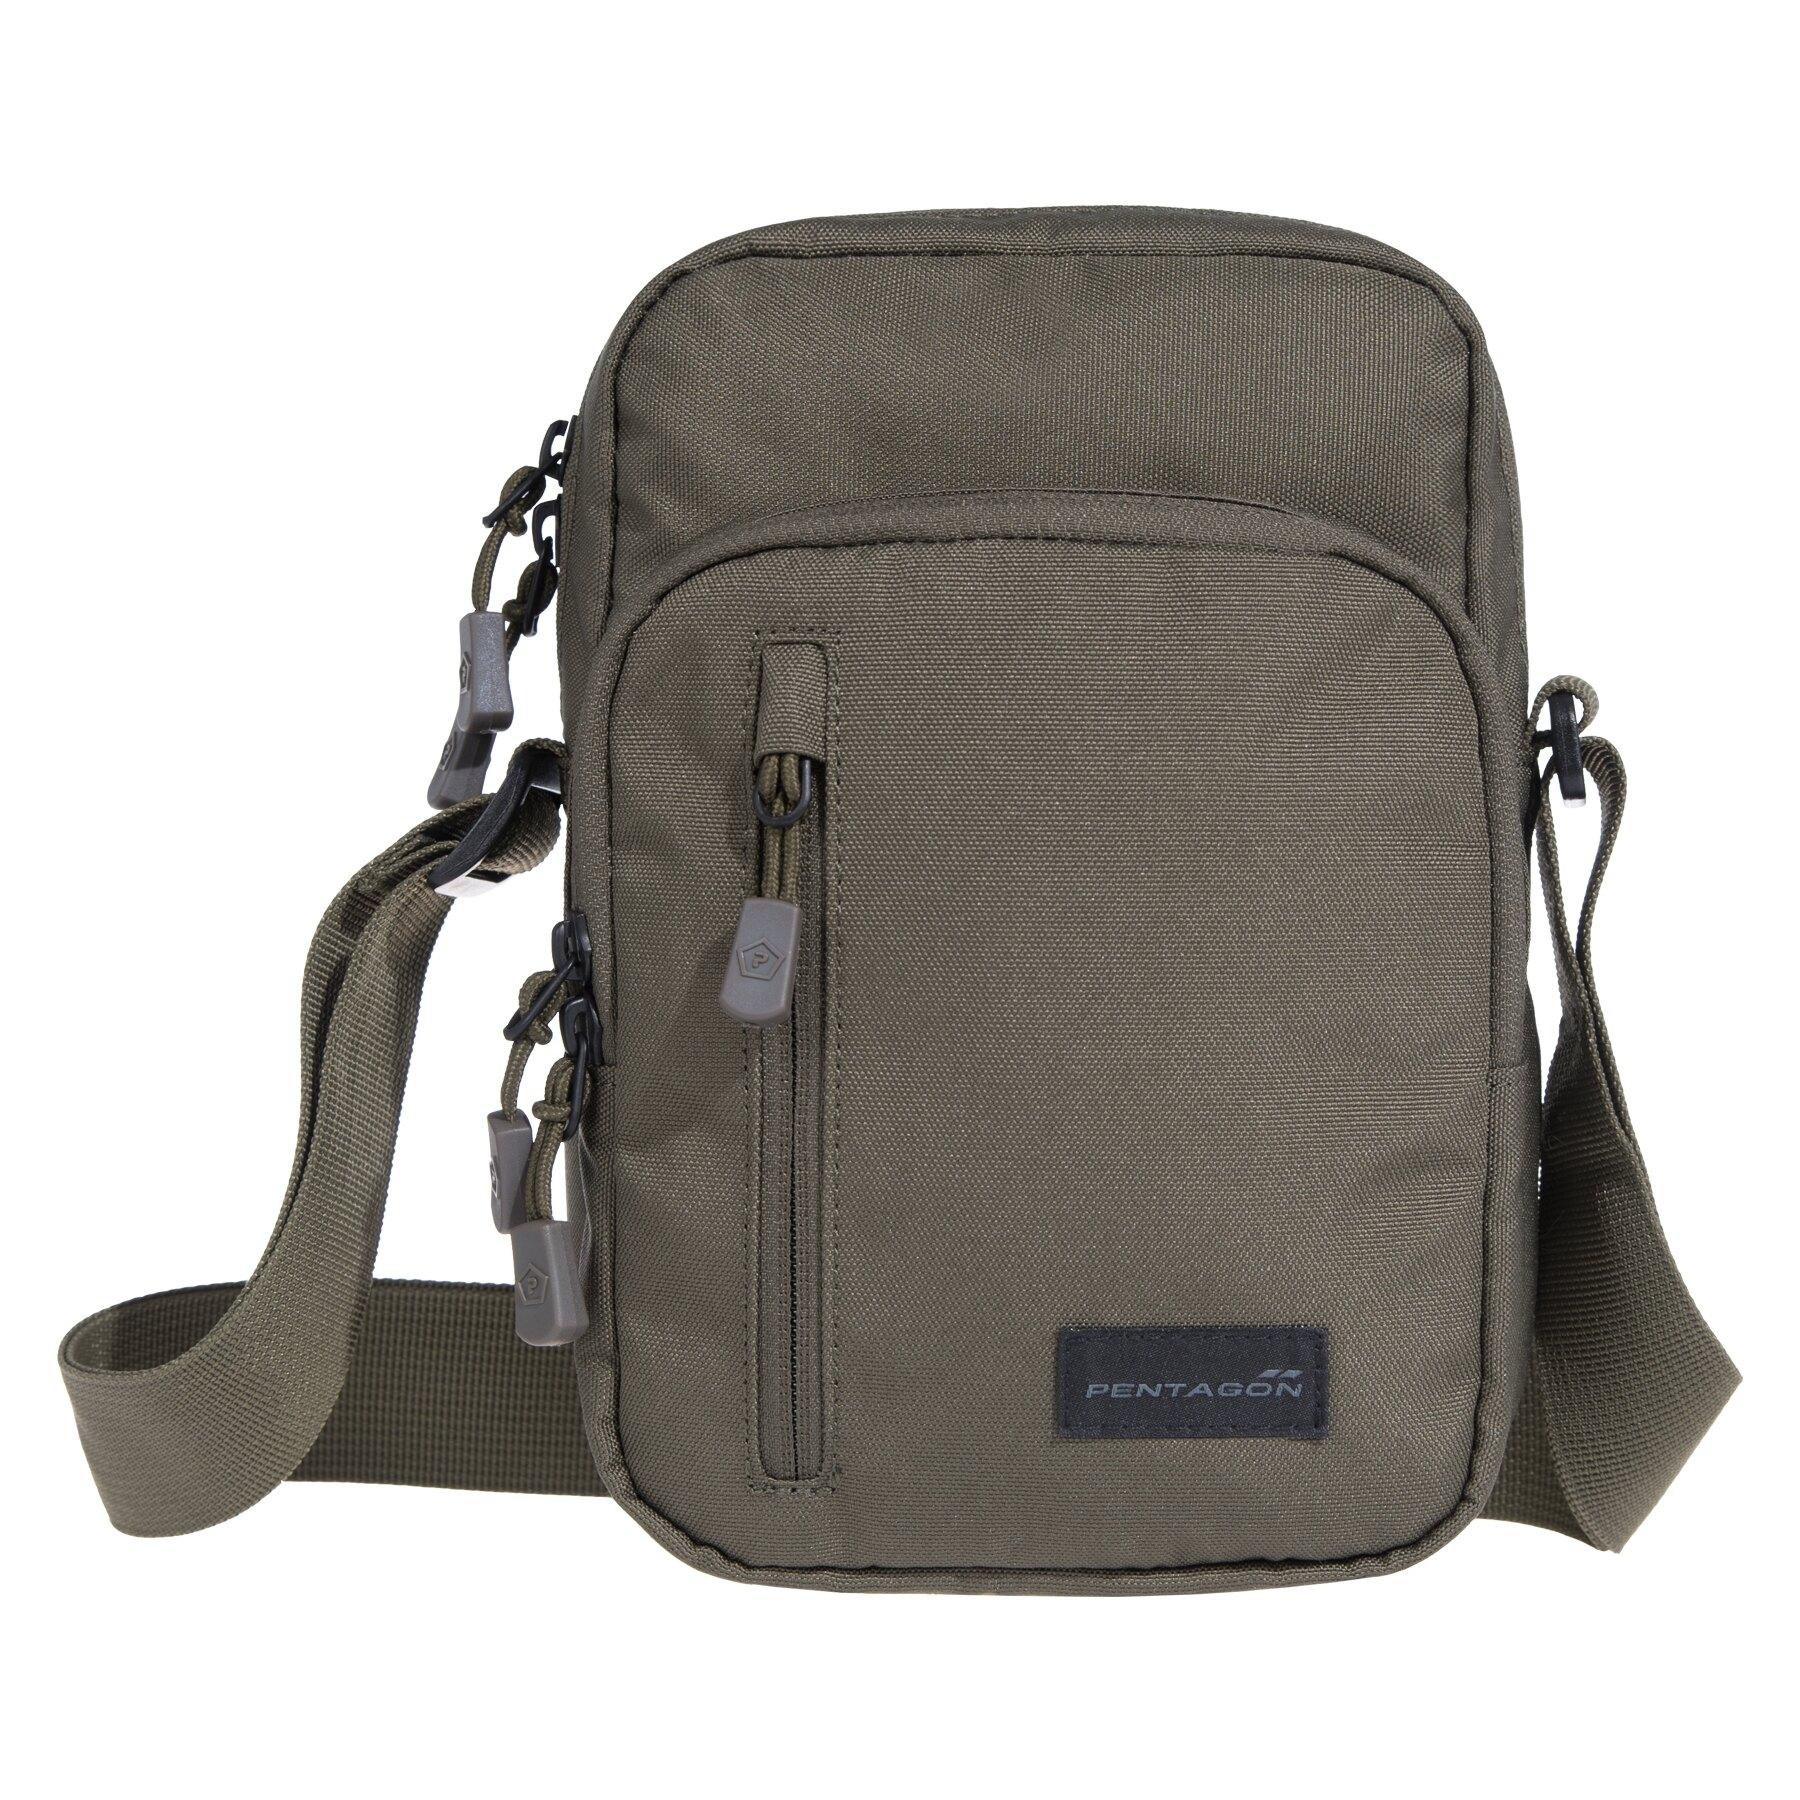 Taška cez rameno PENTAGON® Kleos Messenger - zelená (Farba: Olive Green )